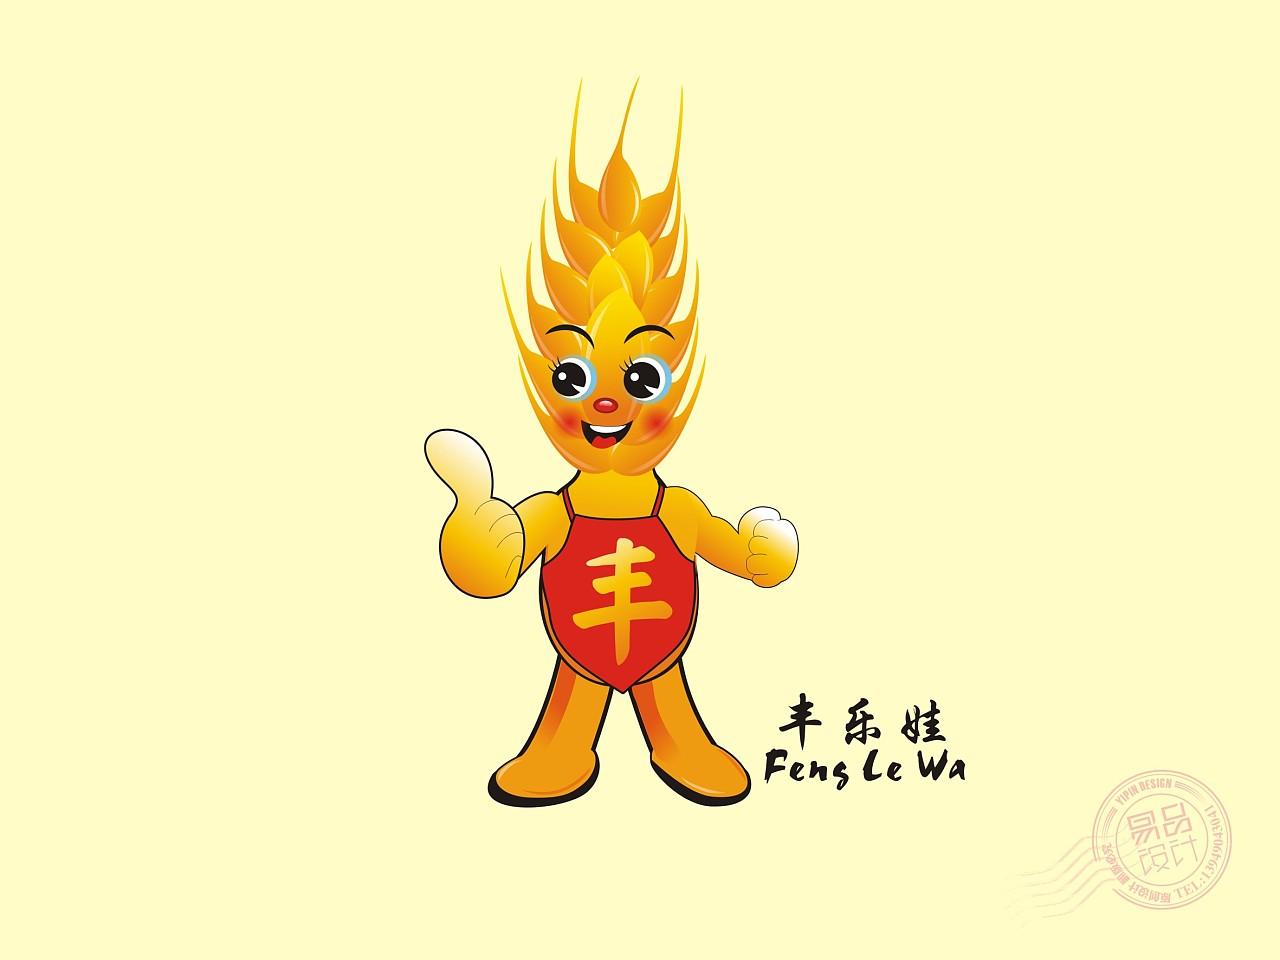 前几年做的企业吉祥物设计图片